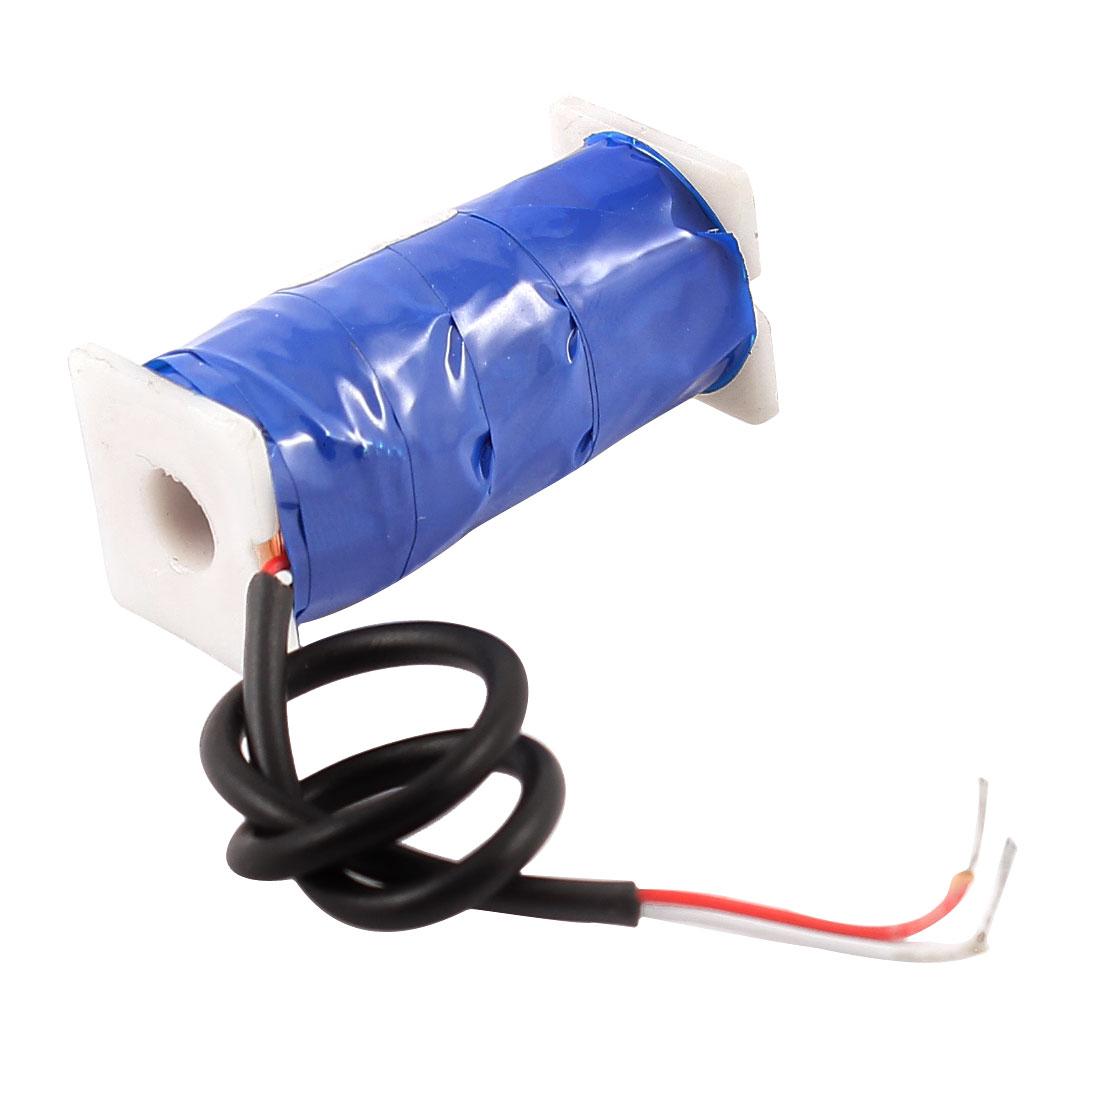 2mm Stroke 150g Holding Force Tubular Solenoid Electromagnet DC 12V 0.085A